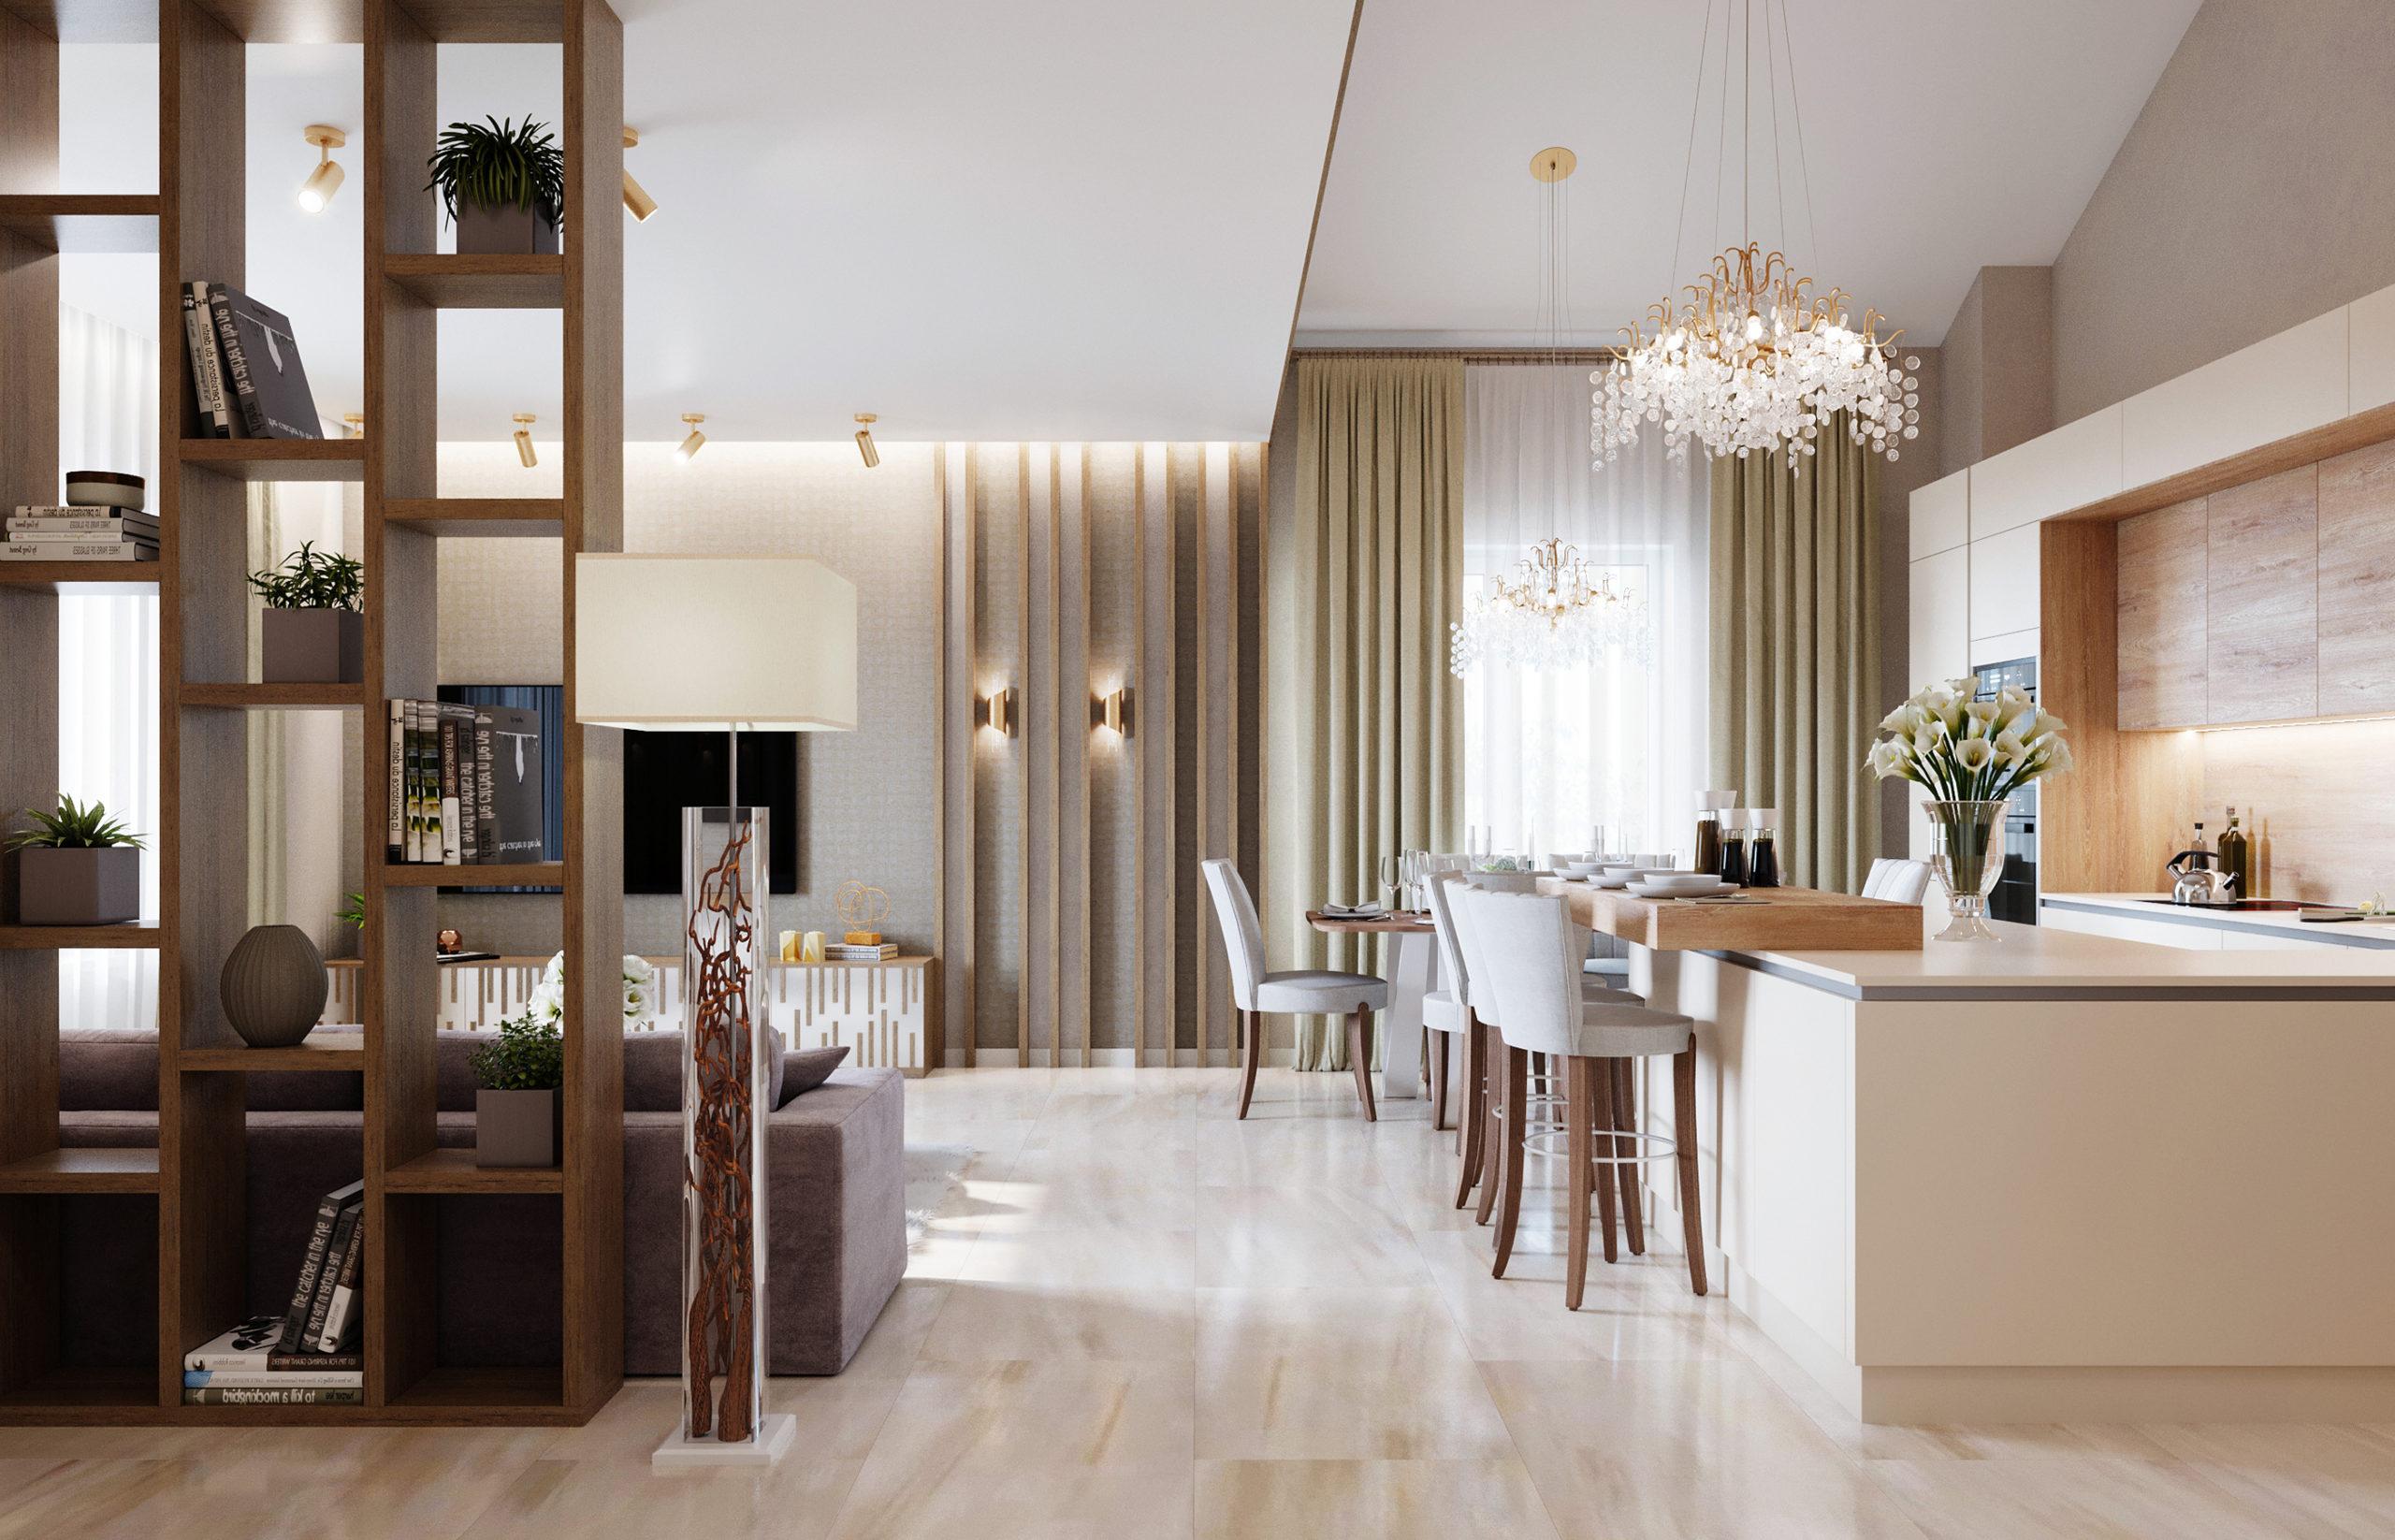 Кухонный остров - основной центр притяжения в интерьере этой гостиной в стиле Хюгге